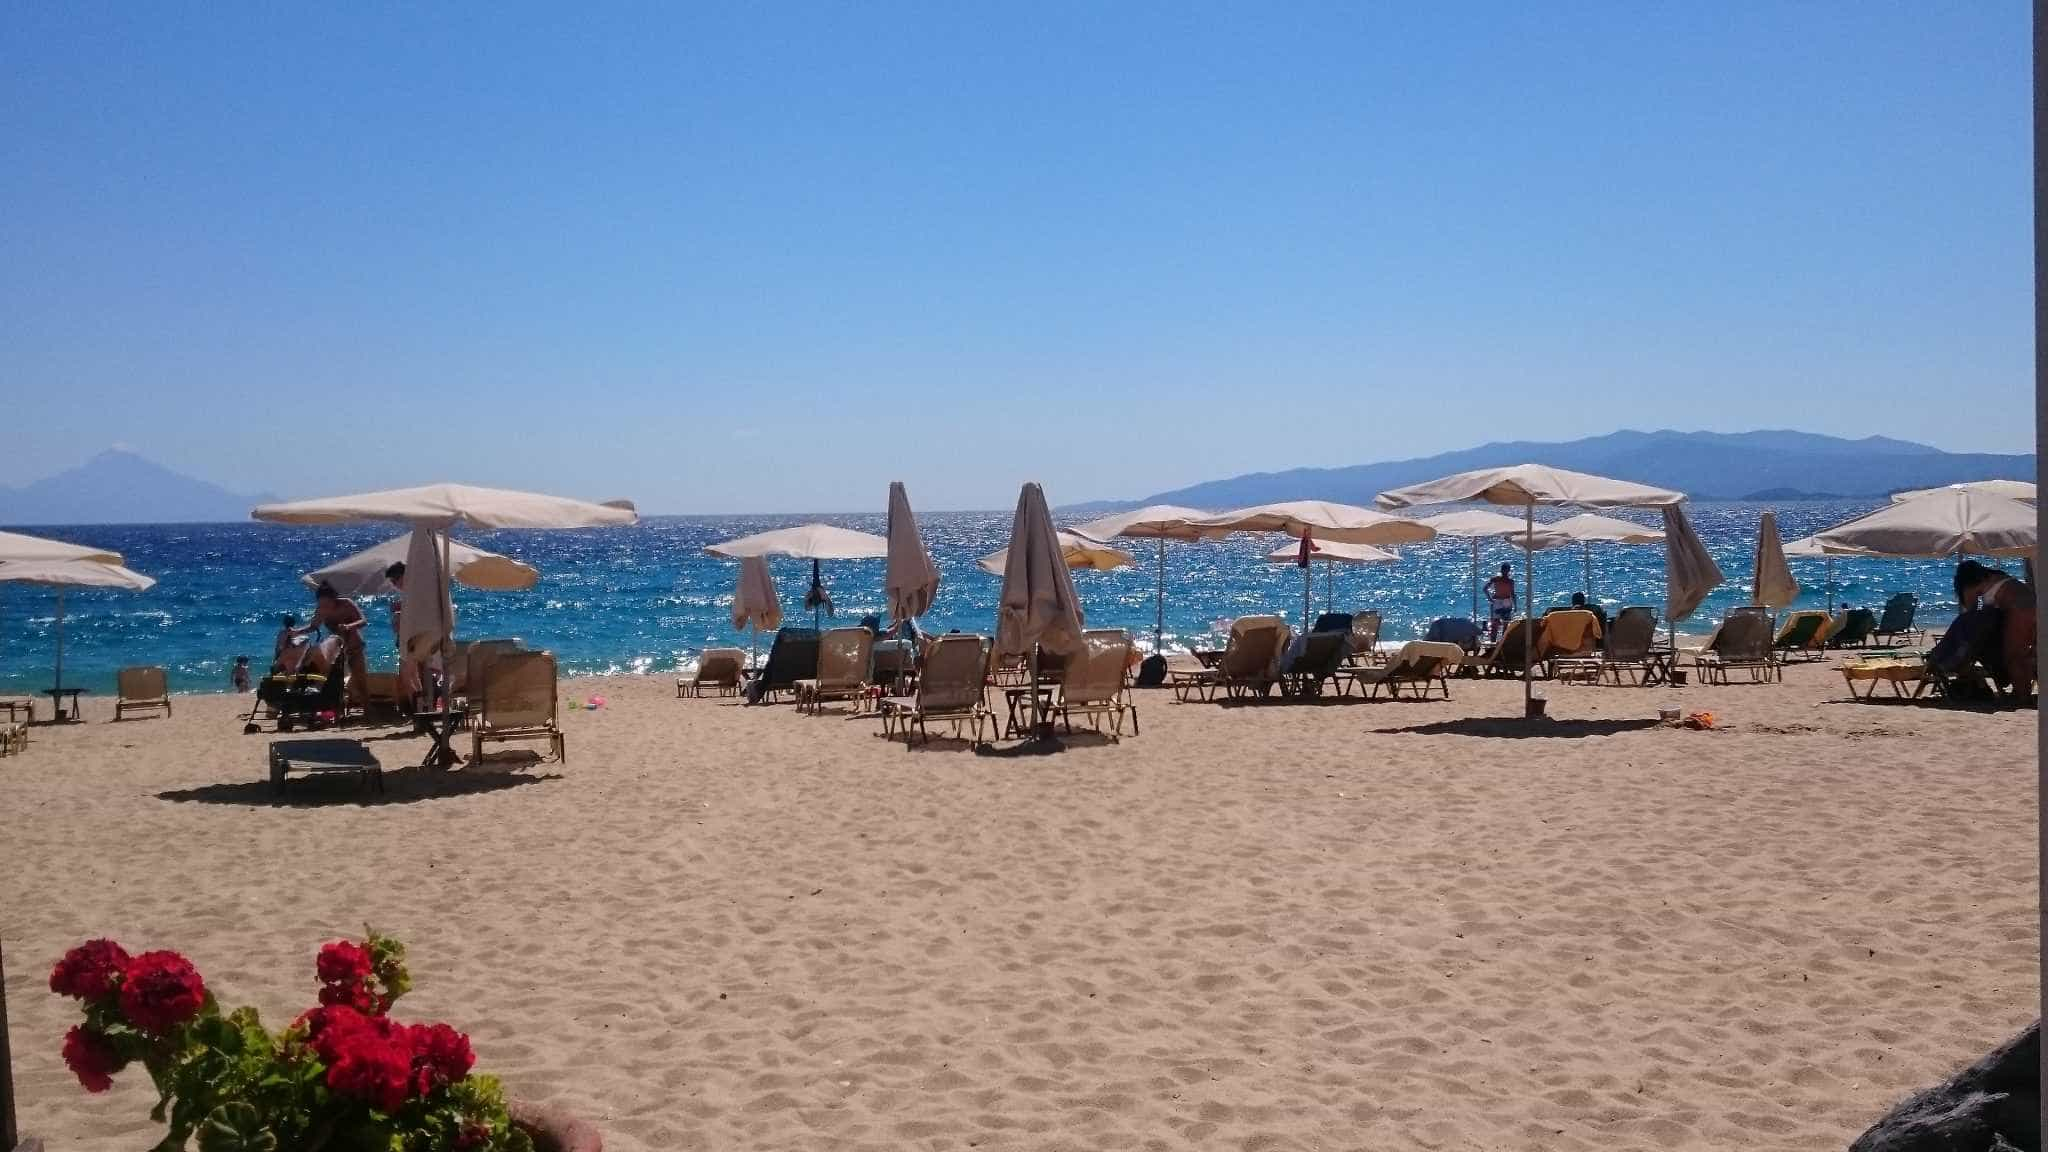 The beach at Assa Maris Bomo Club in Halkidiki, Greece